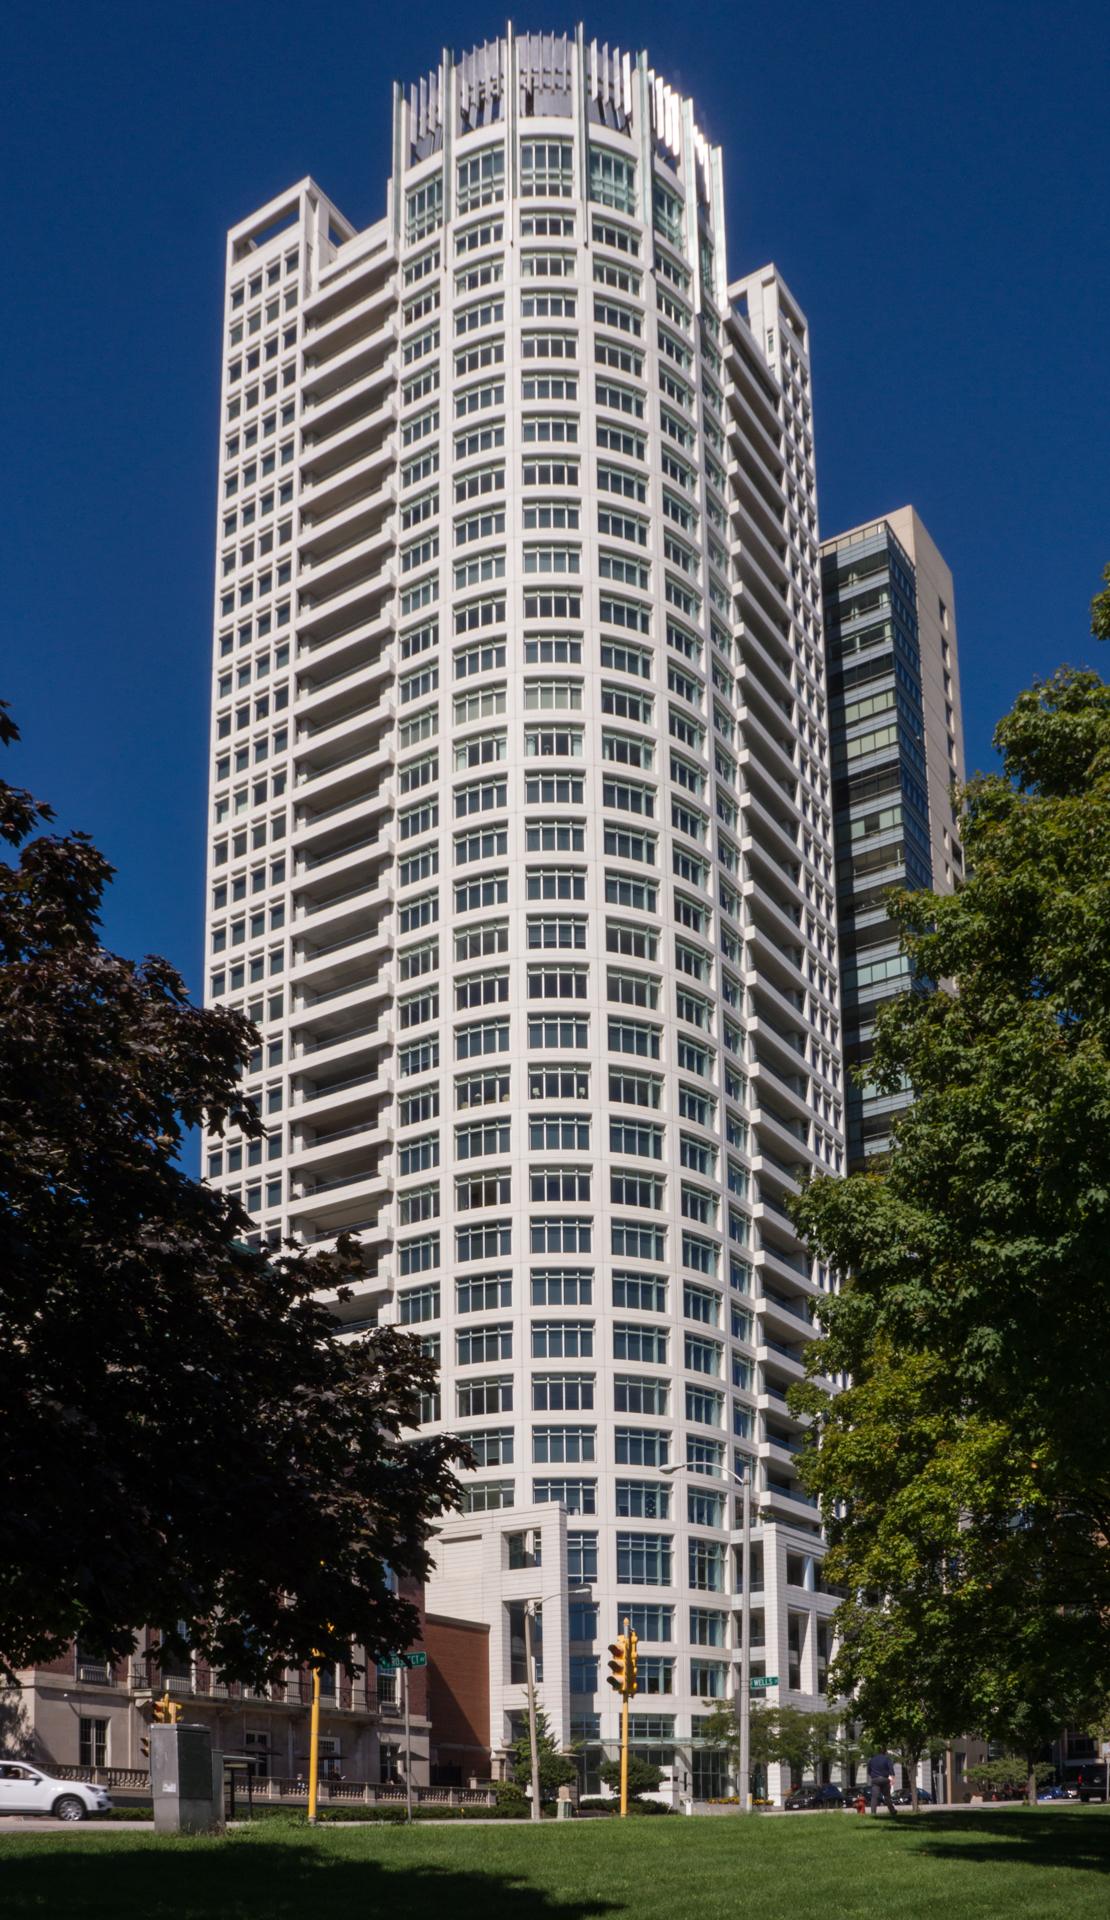 University Club Tower - Milwaukee, WI